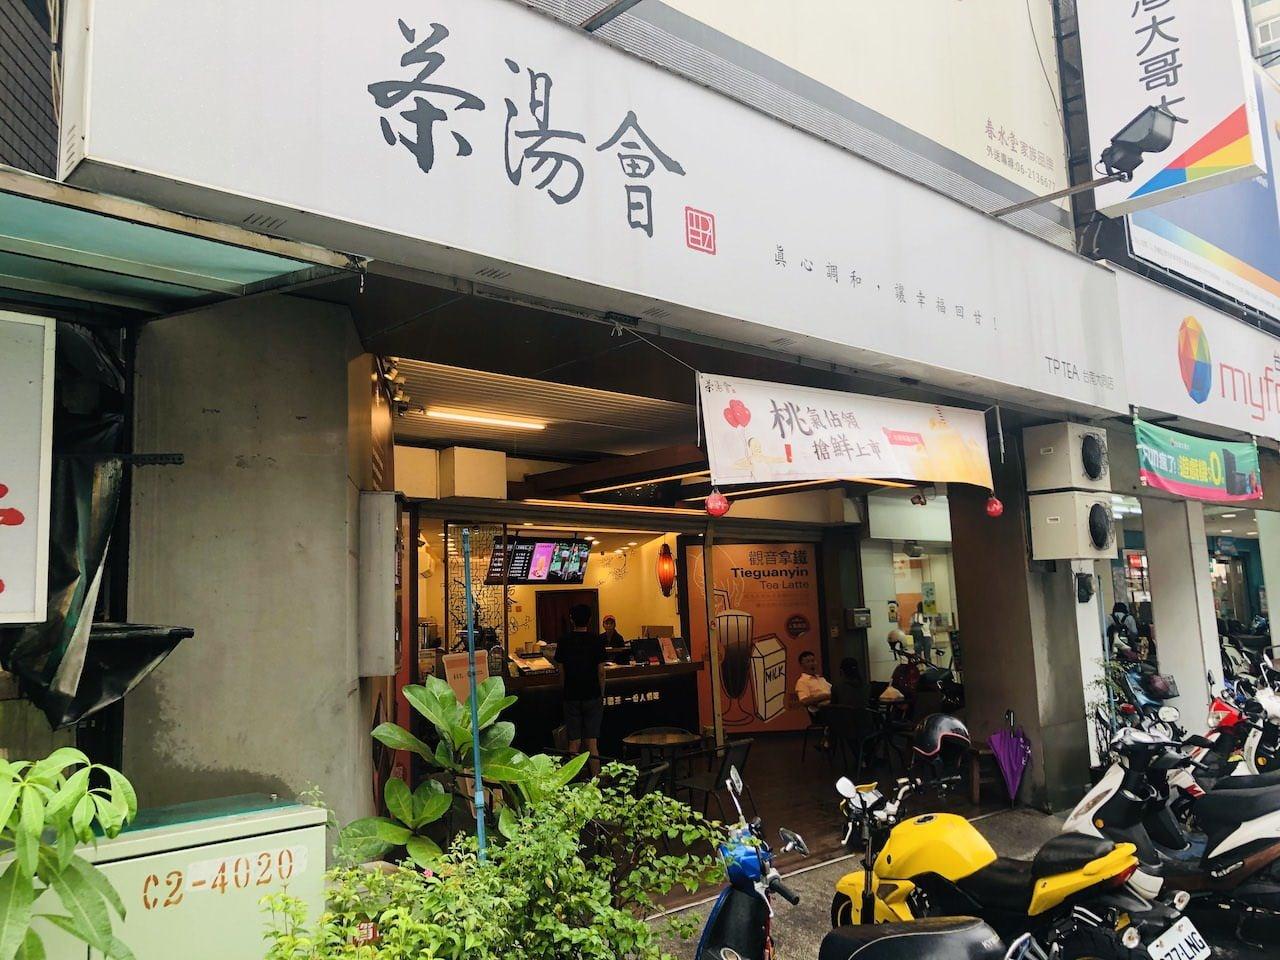 Tainan chatanhui linepay 04